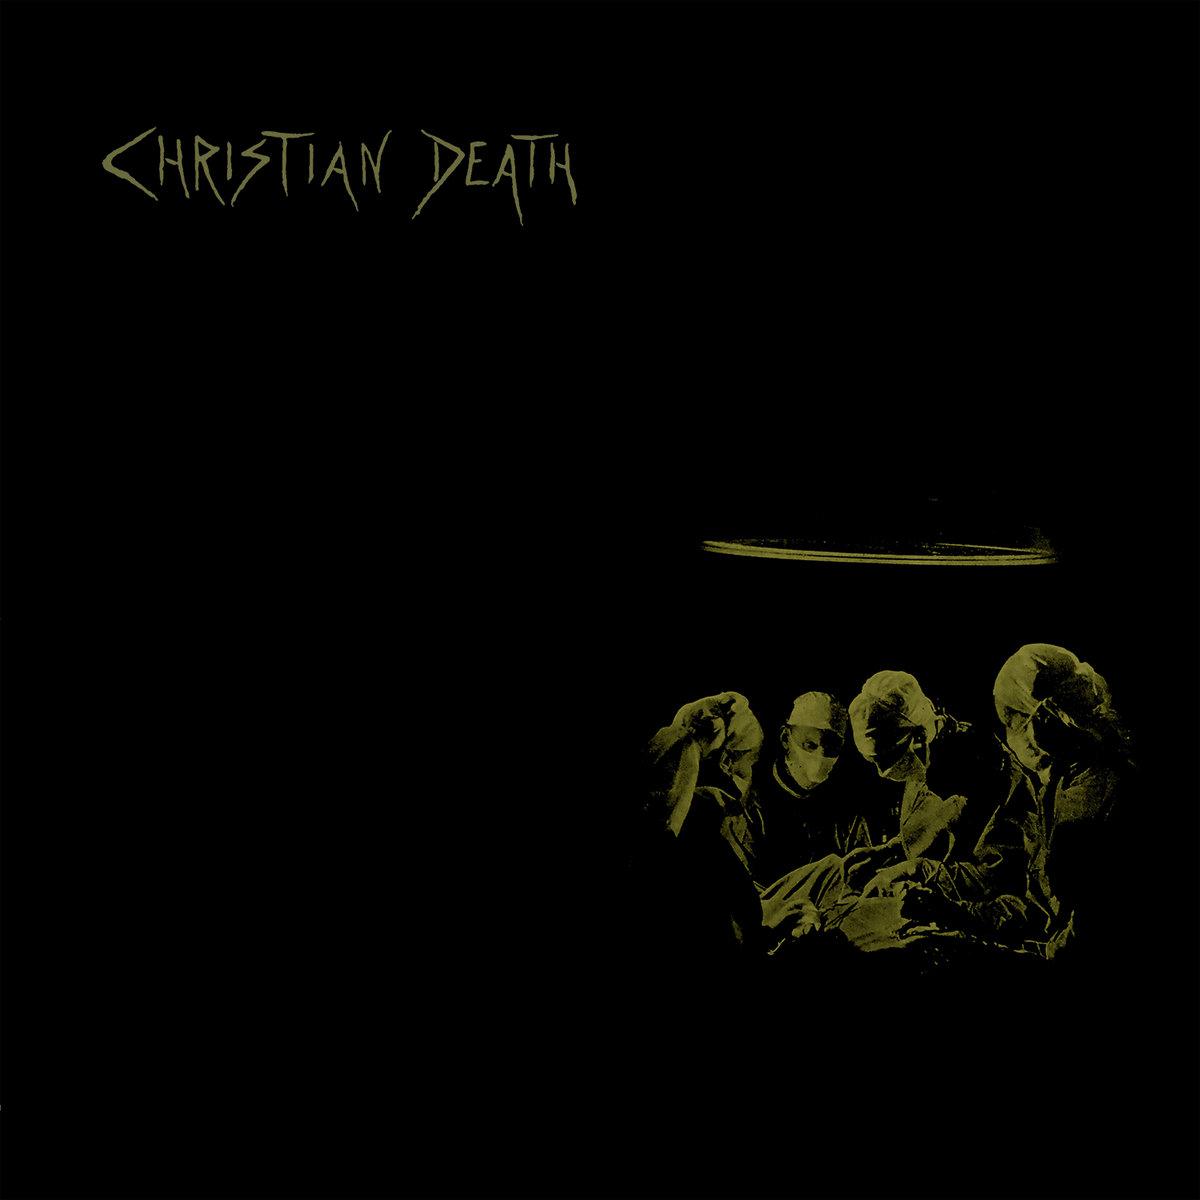 Christian Death Ashes Rar Download